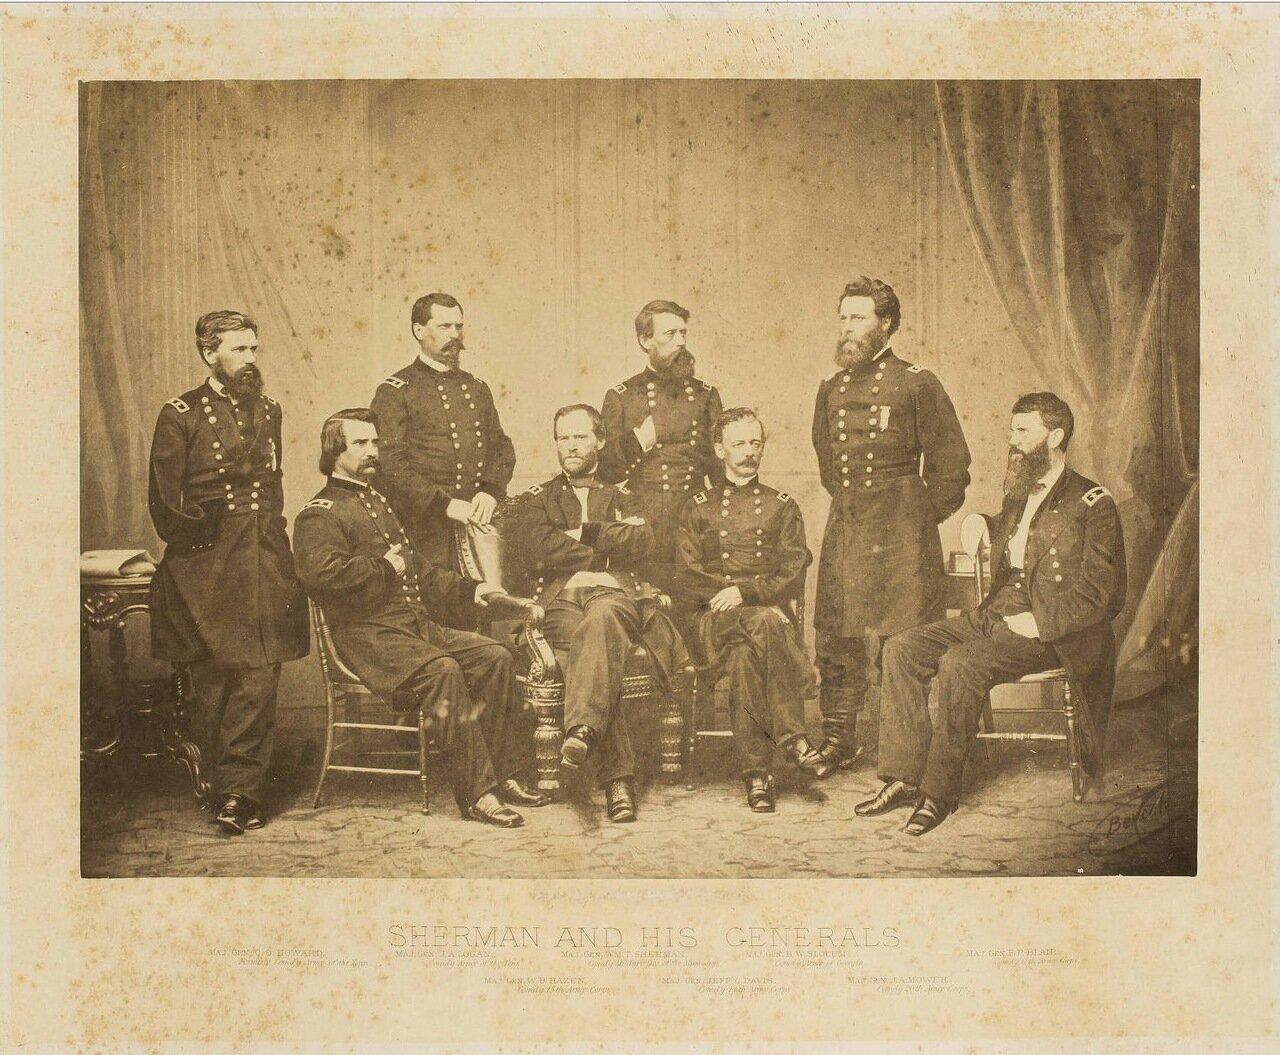 Шерман и его генералы